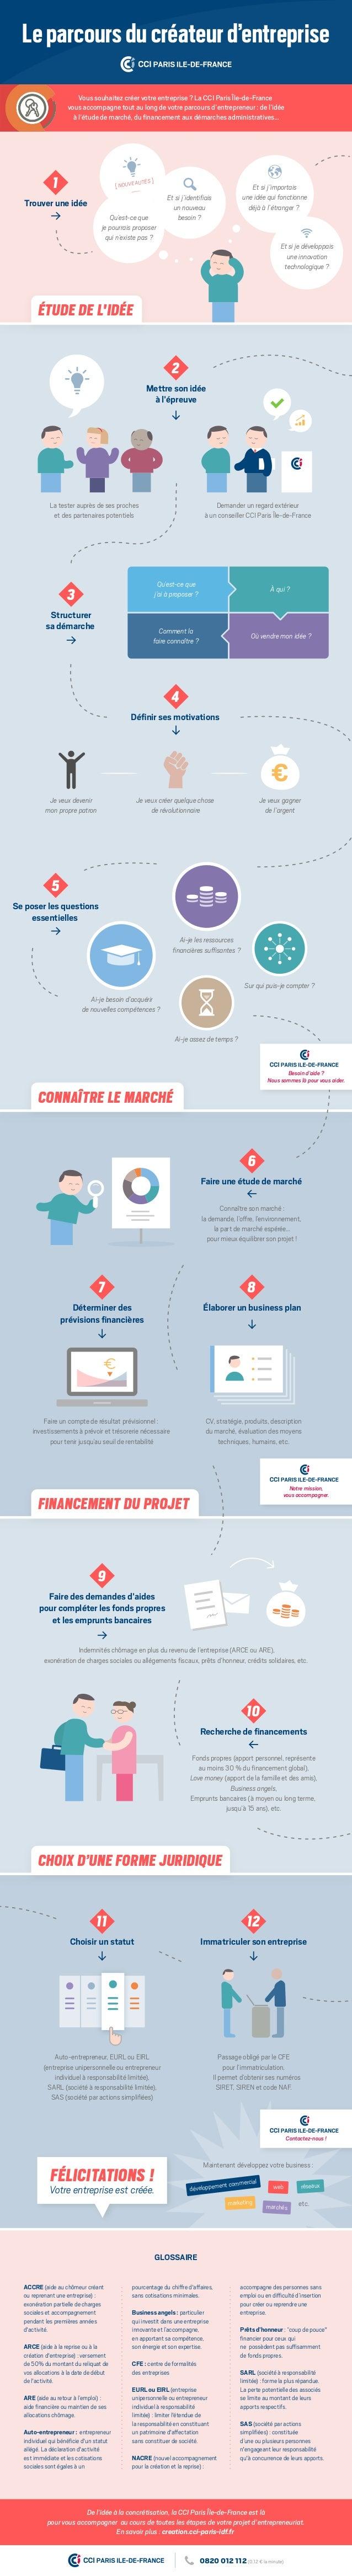 Leparcoursducréateurd'entreprise Vous souhaitez créer votre entreprise ? La CCI Paris Île-de-France vous accompagne tout a...